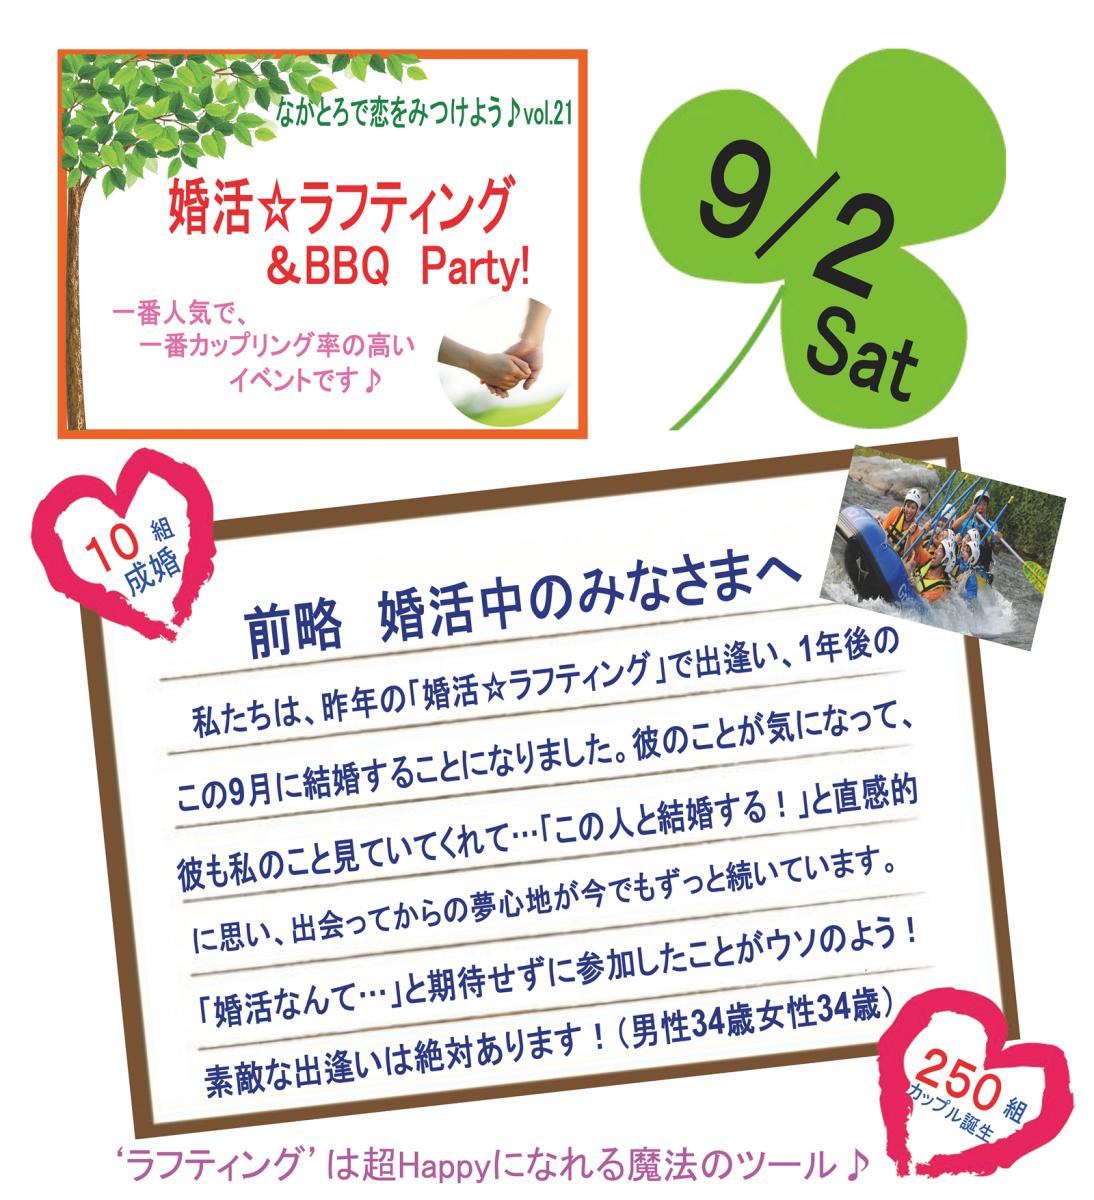 ながとろde恋を見つけよう♪Vol.21 | 長瀞町観光協会公式サイト